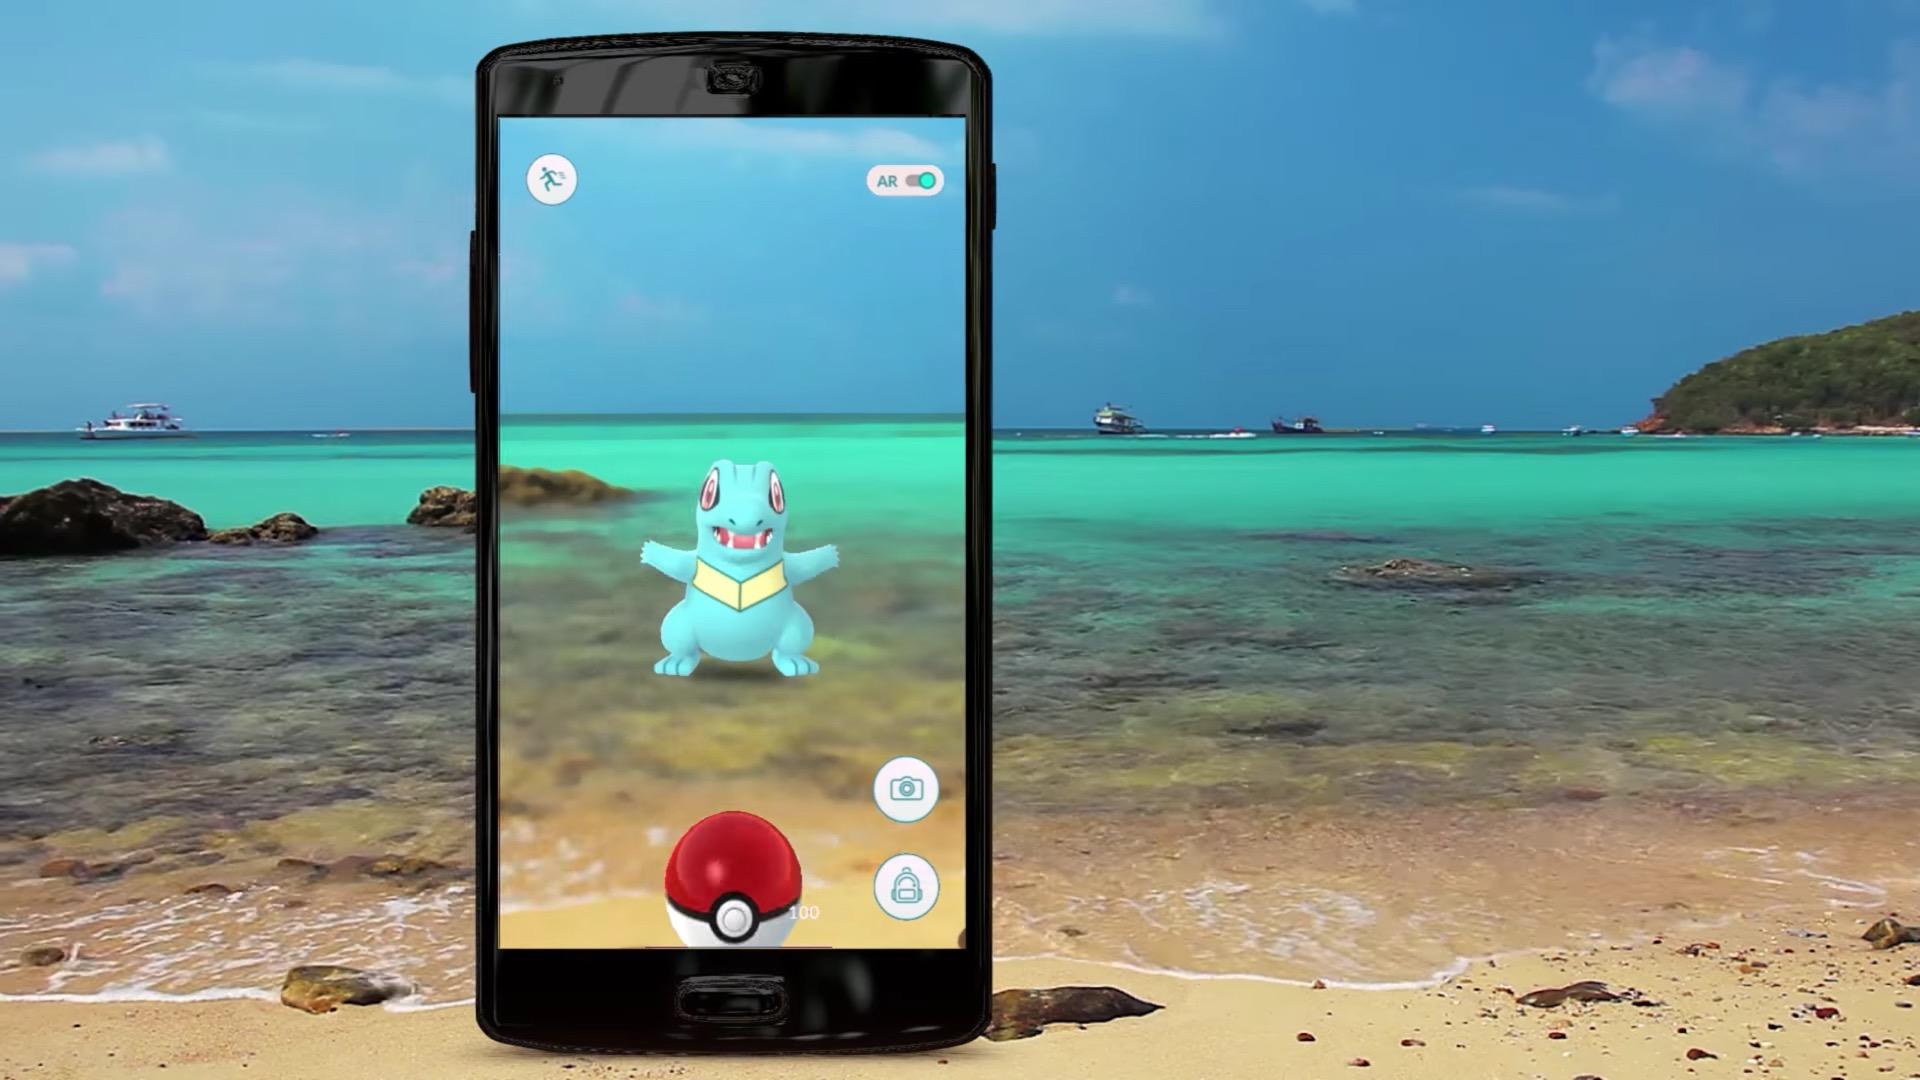 Pokémon GO jhoto6